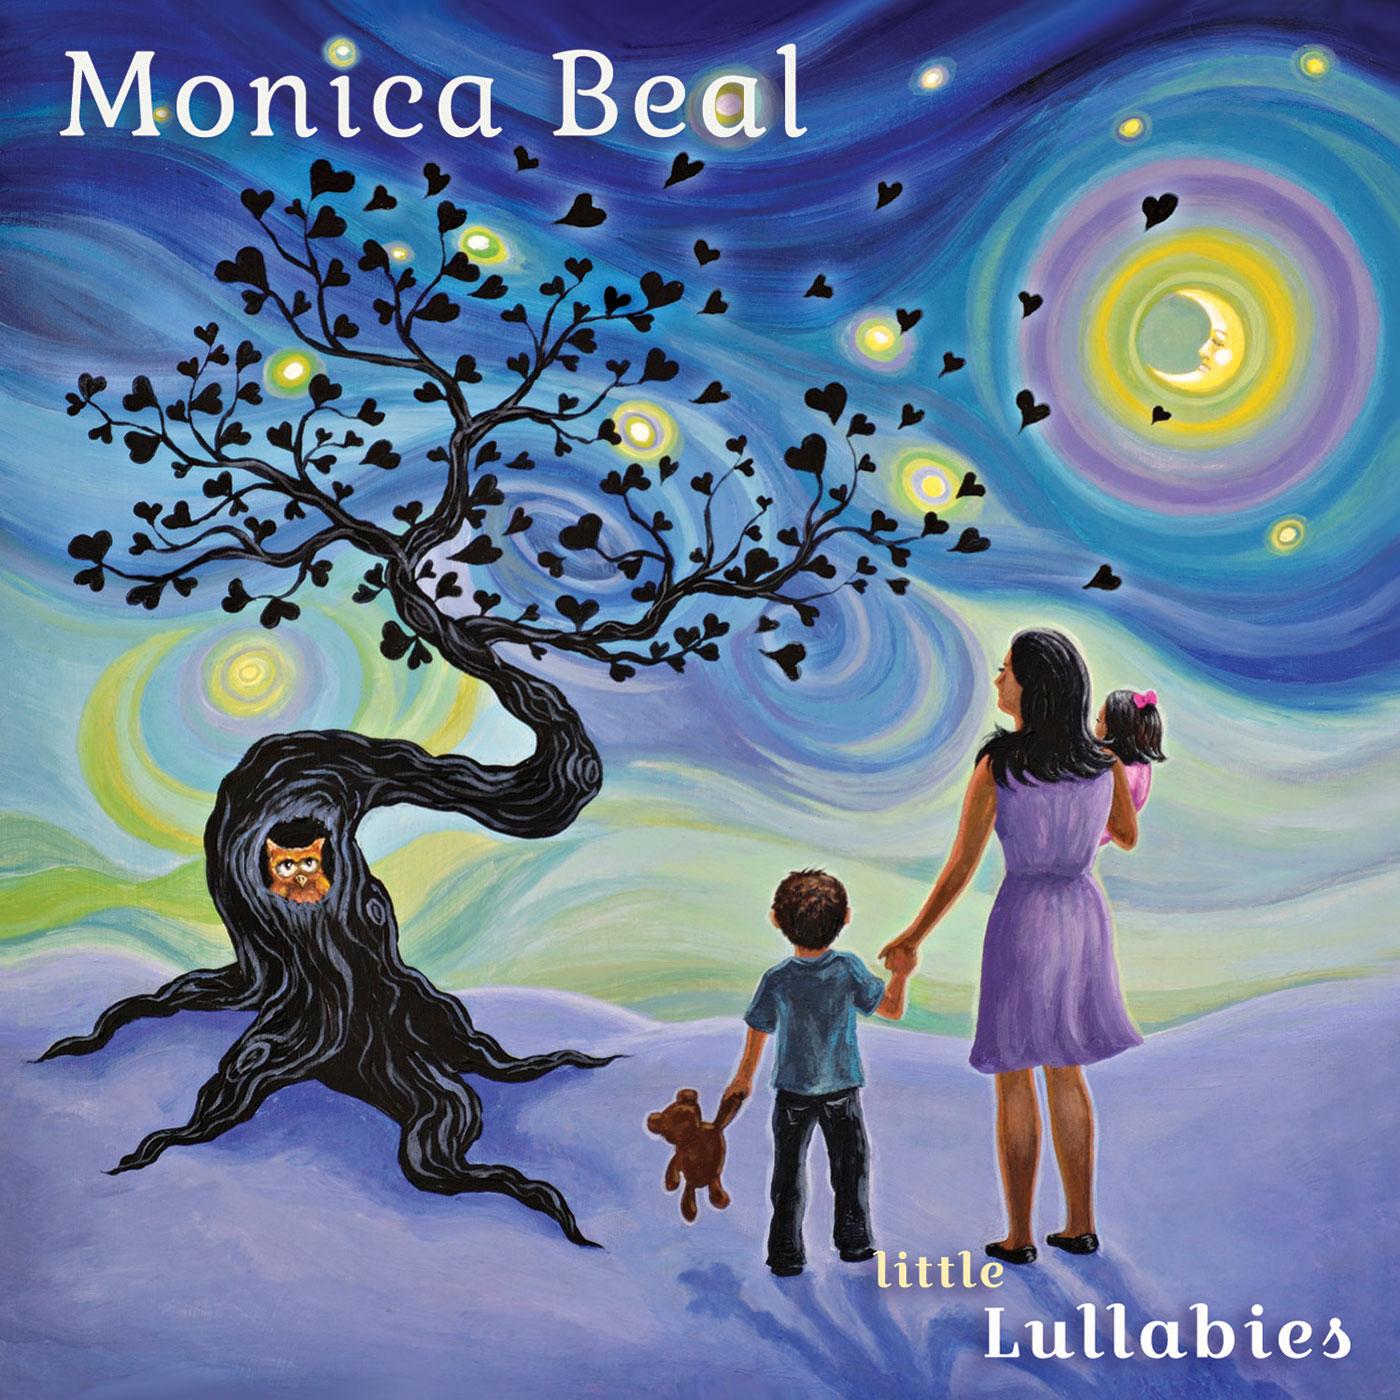 Monica Beal, American song writer of 'Little Lullabies' Part 1